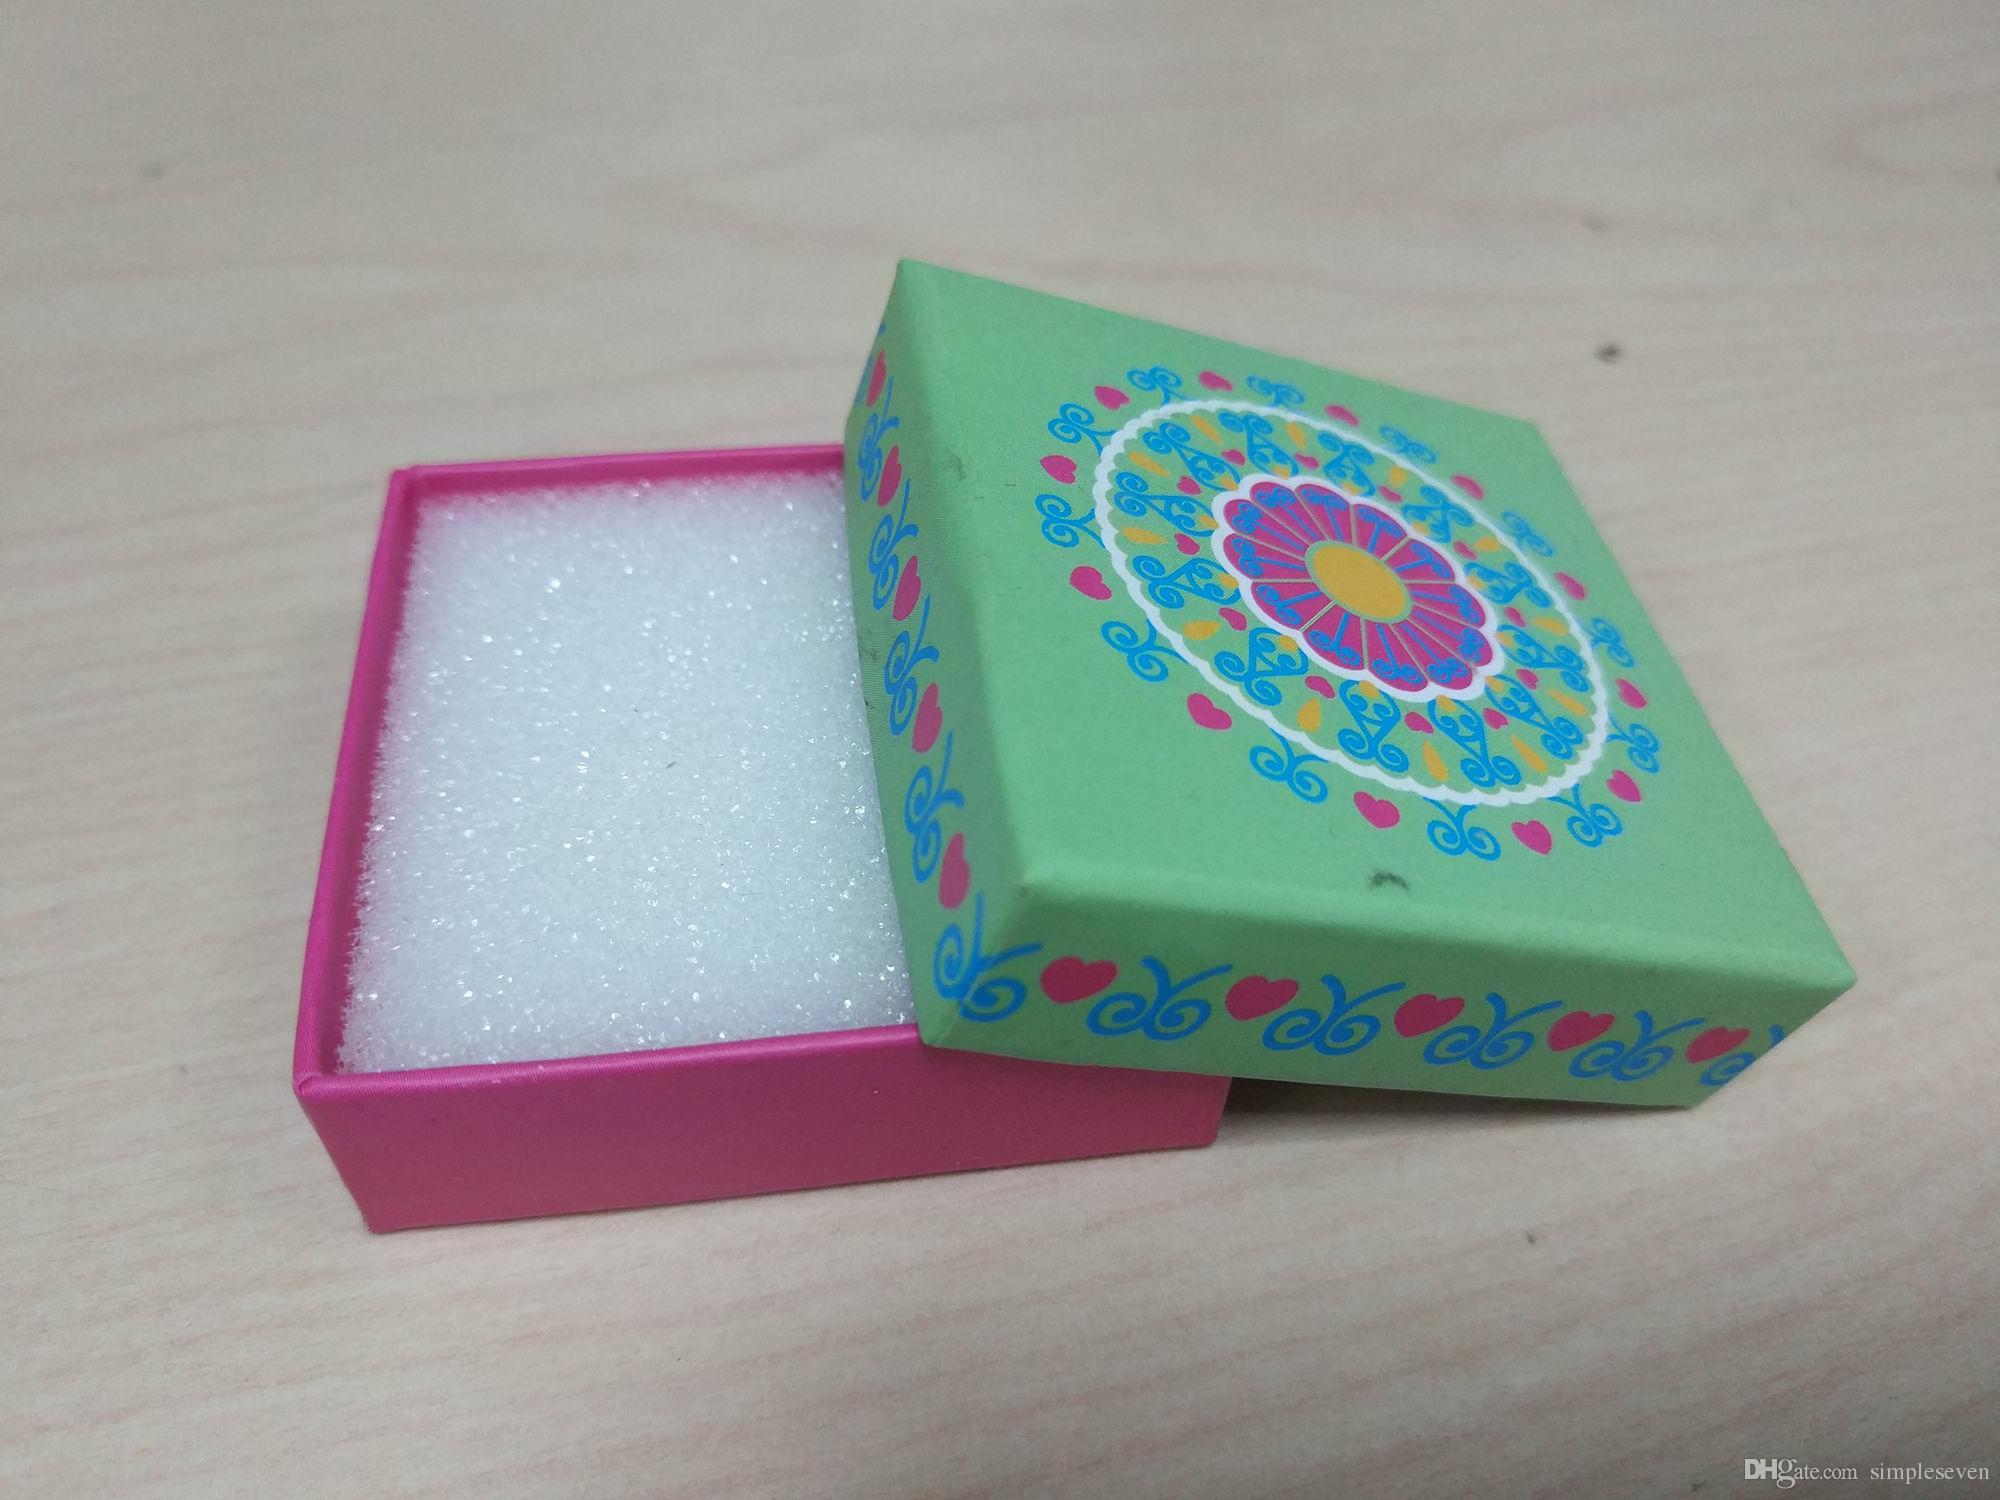 [심플 세븐] 클래식 그린 핑크 팔찌 상자 / 축제 Pedant 상자 / 패션 목걸이 패키지 / 공주 쥬얼리 케이스 / 사랑 귀걸이 상자